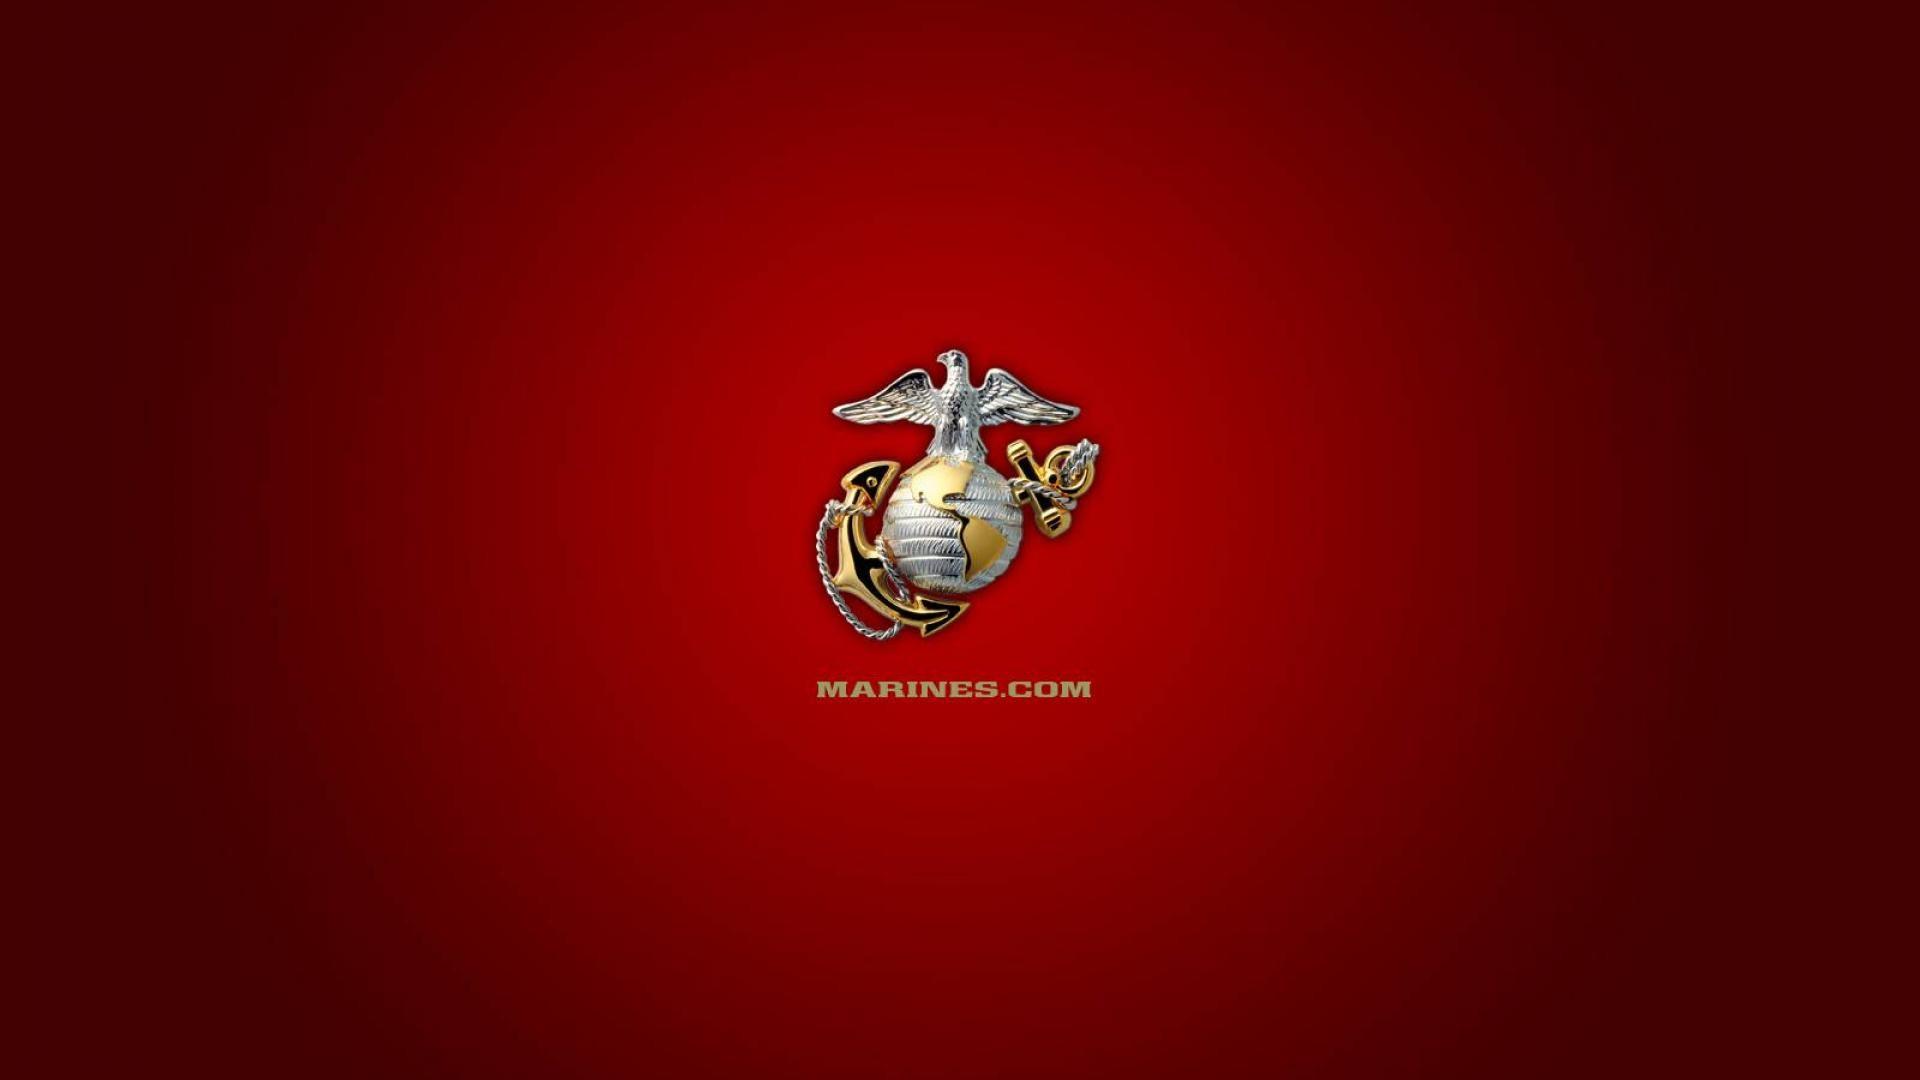 Marines ega wallpaper HQ WALLPAPER – (#14324)